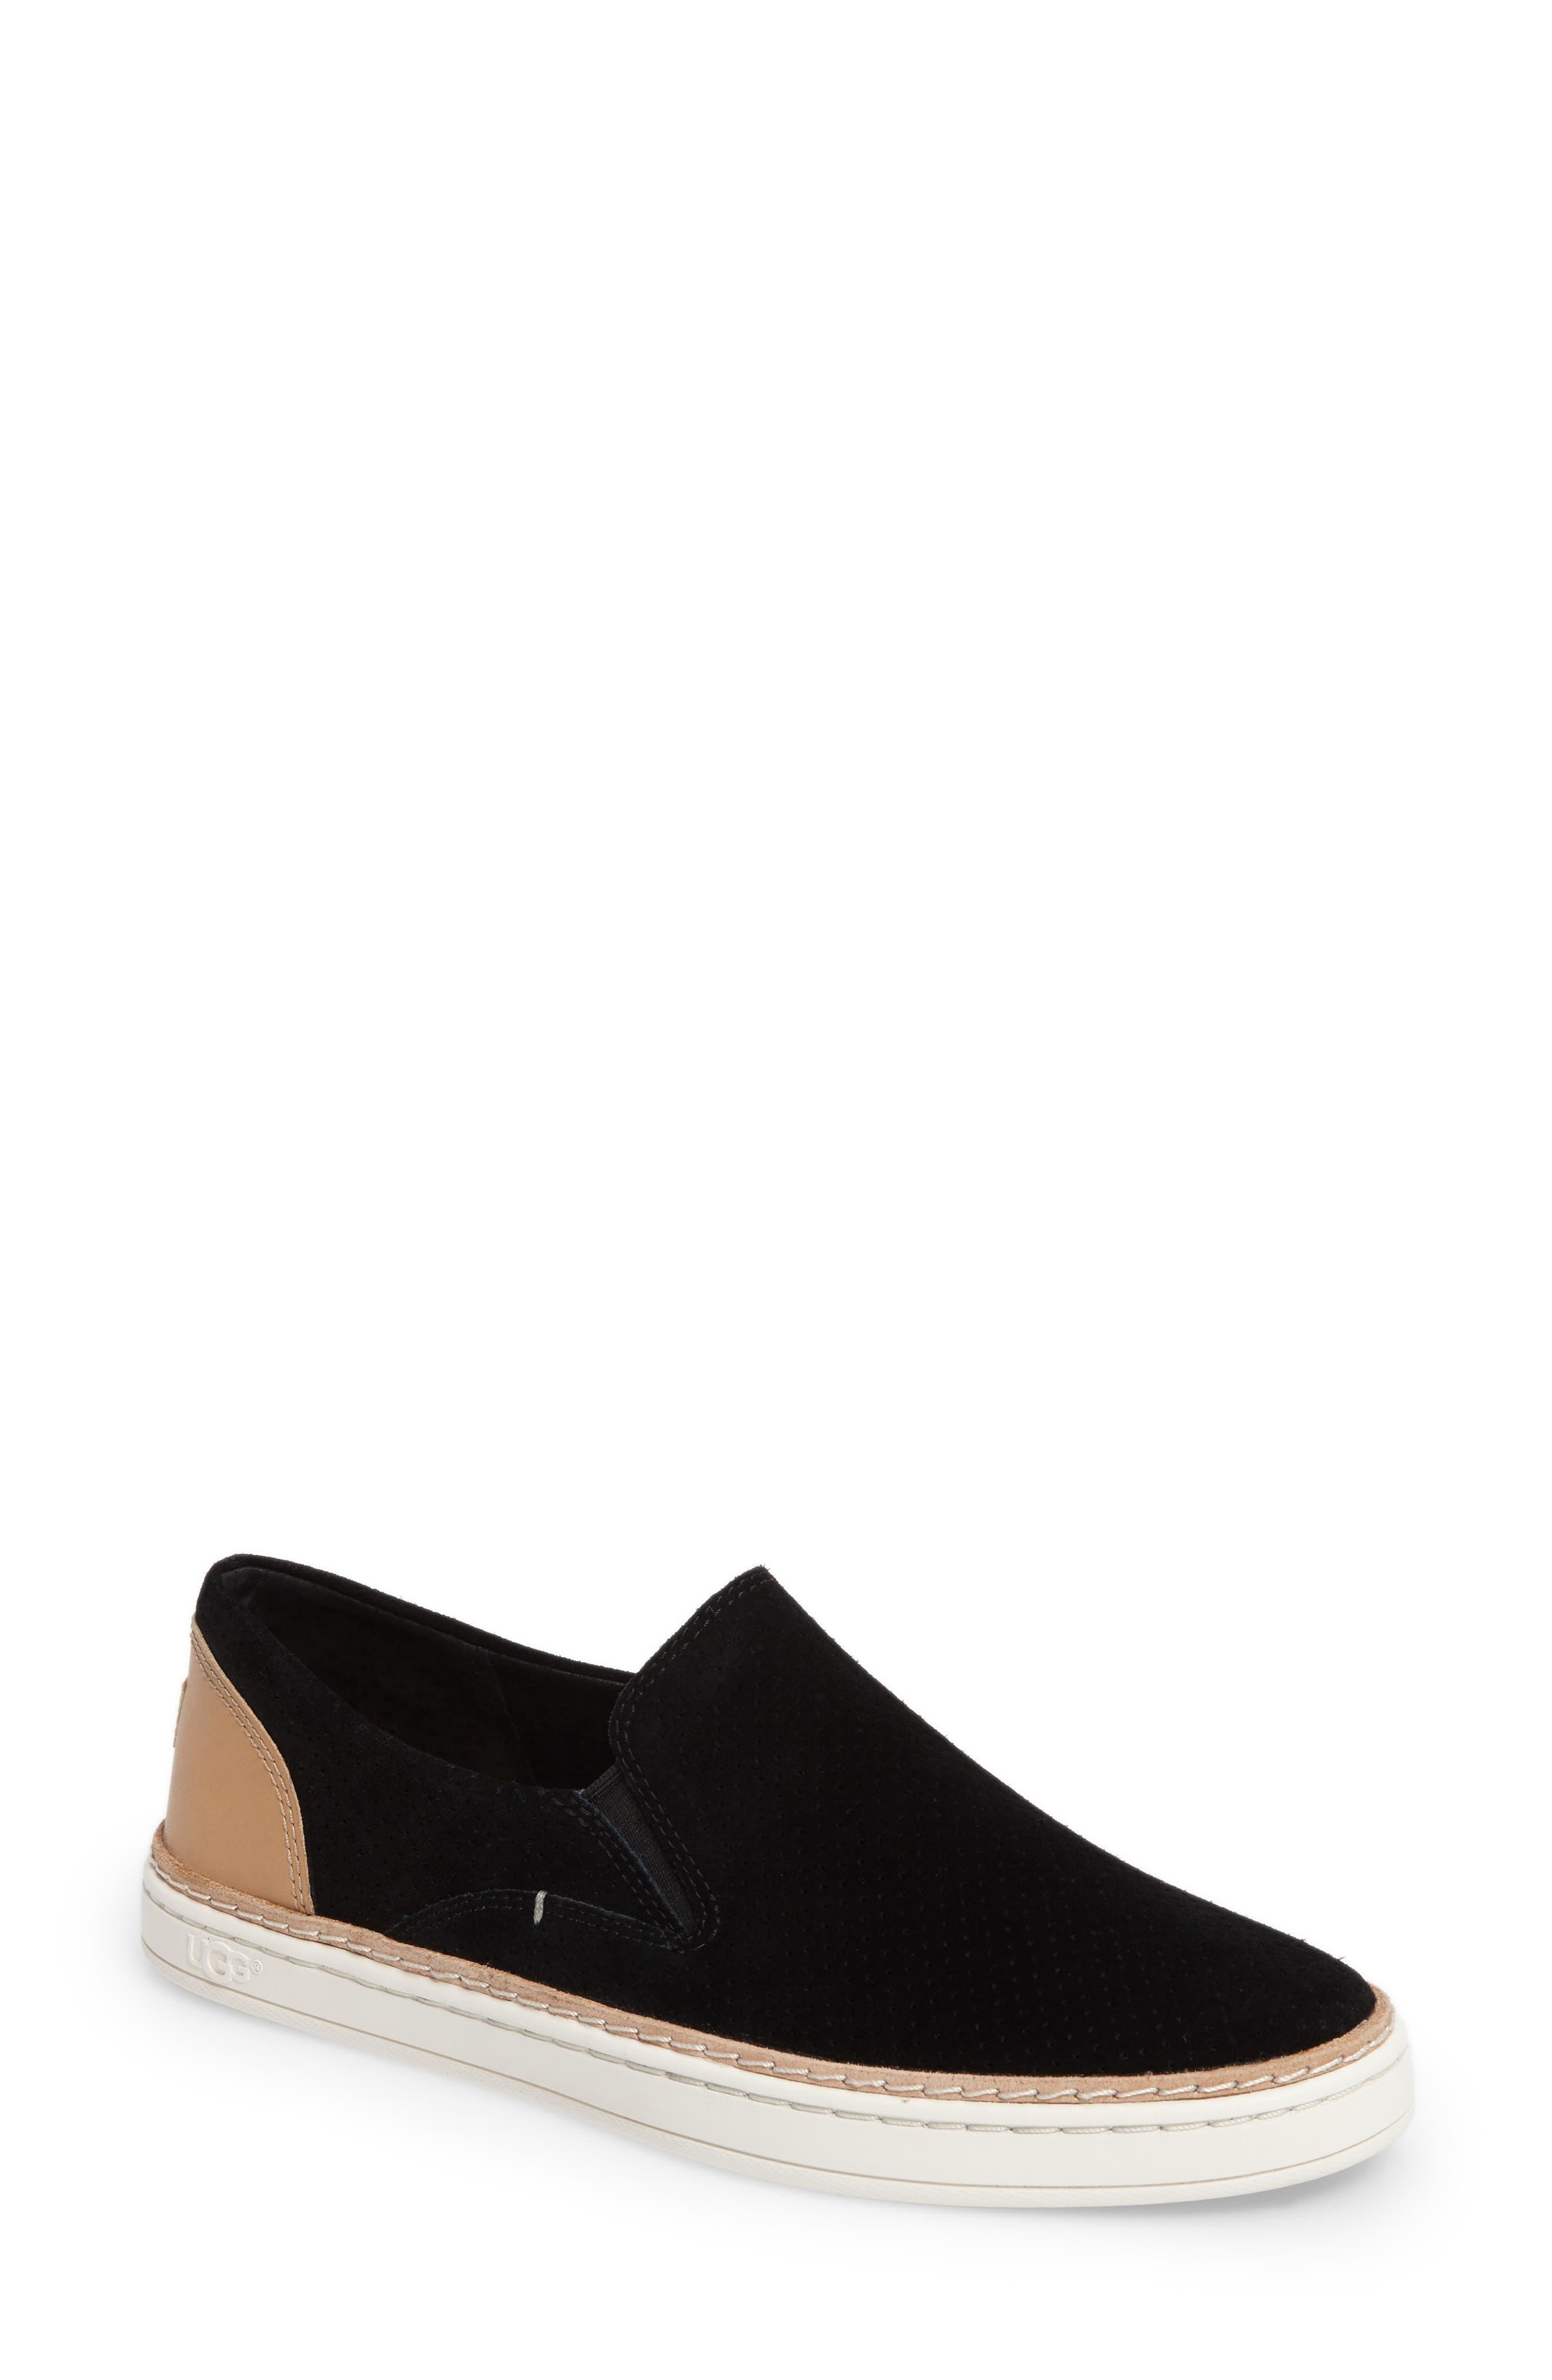 Alternate Image 1 Selected - UGG® Adley Slip-On Sneaker (Women)